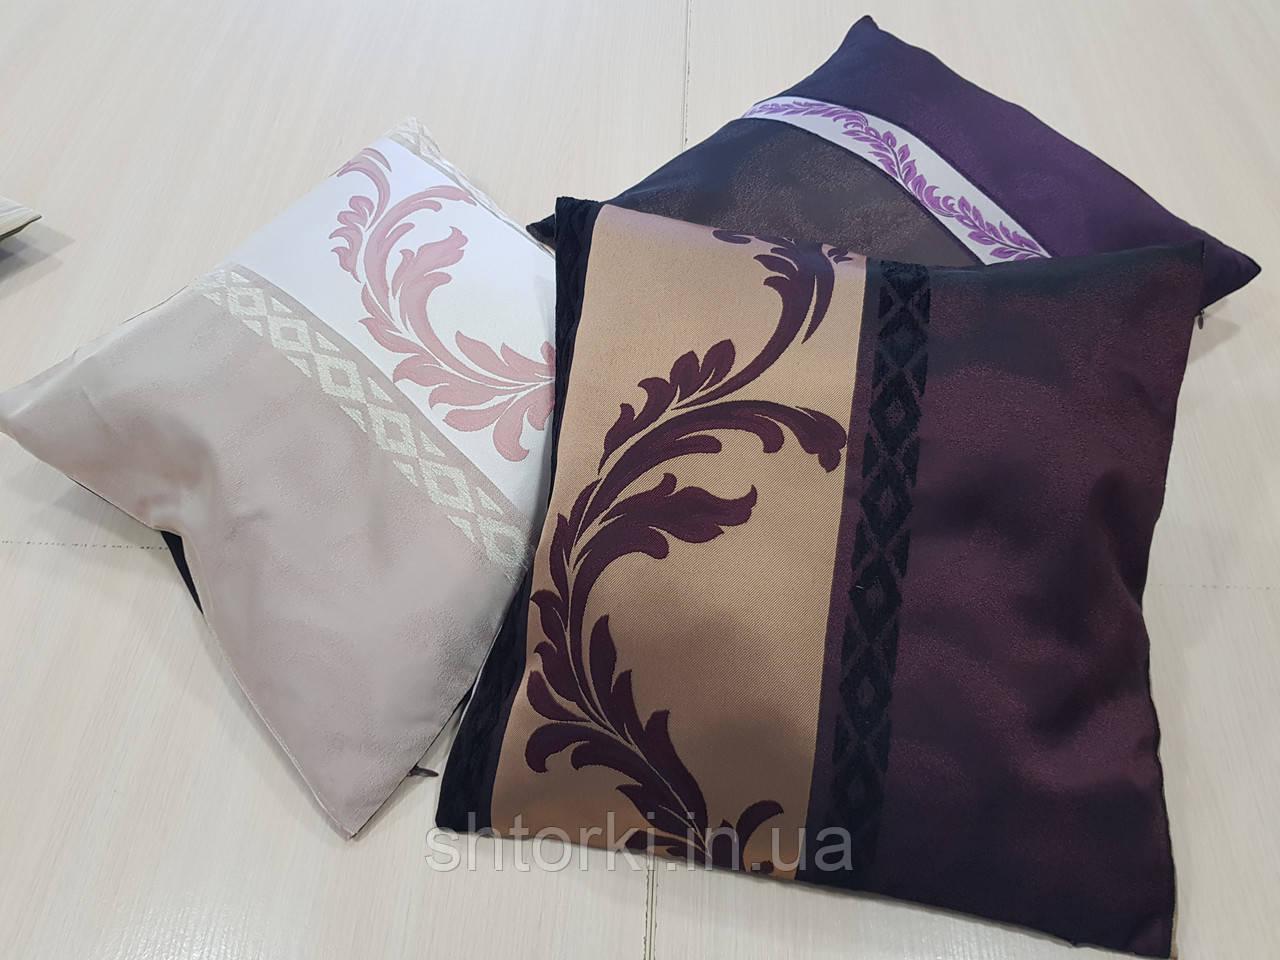 Комплект подушек сирень, розовая, бордо, 3шт